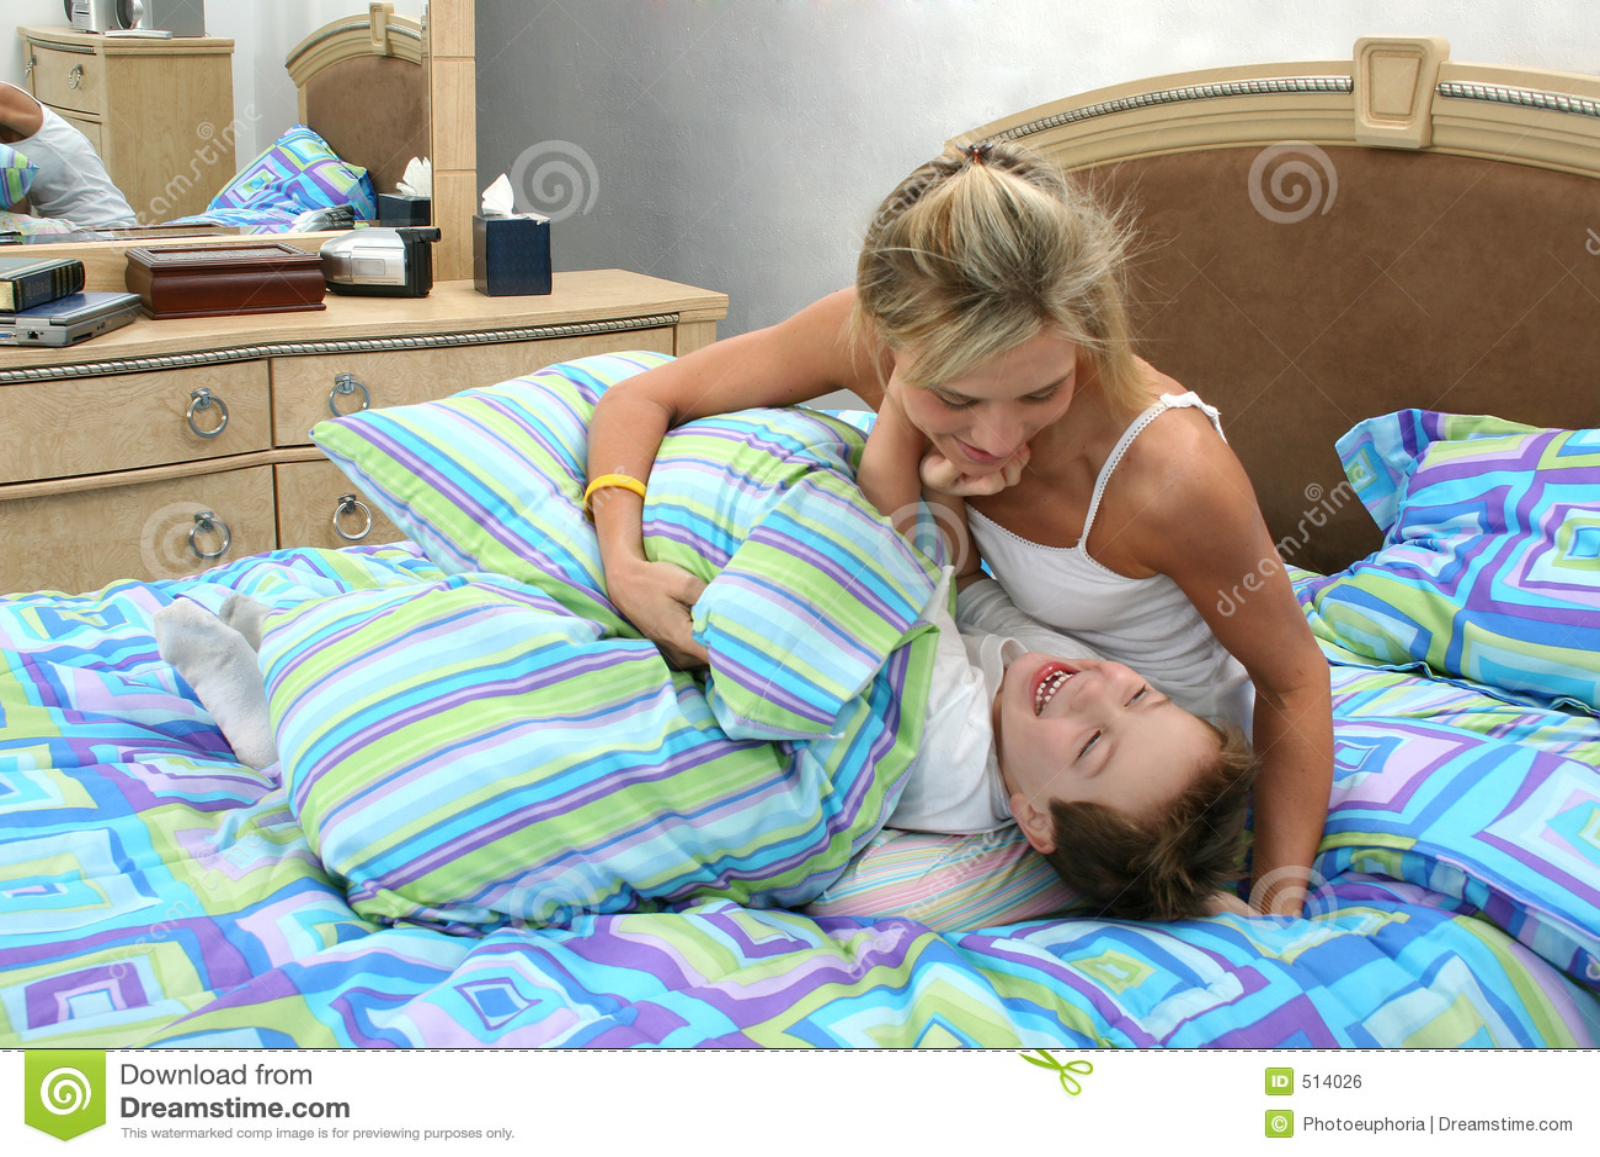 Сынок подсматривал как переодевалась мама, Сын подглядывал как мама дрочит -видео 30 фотография